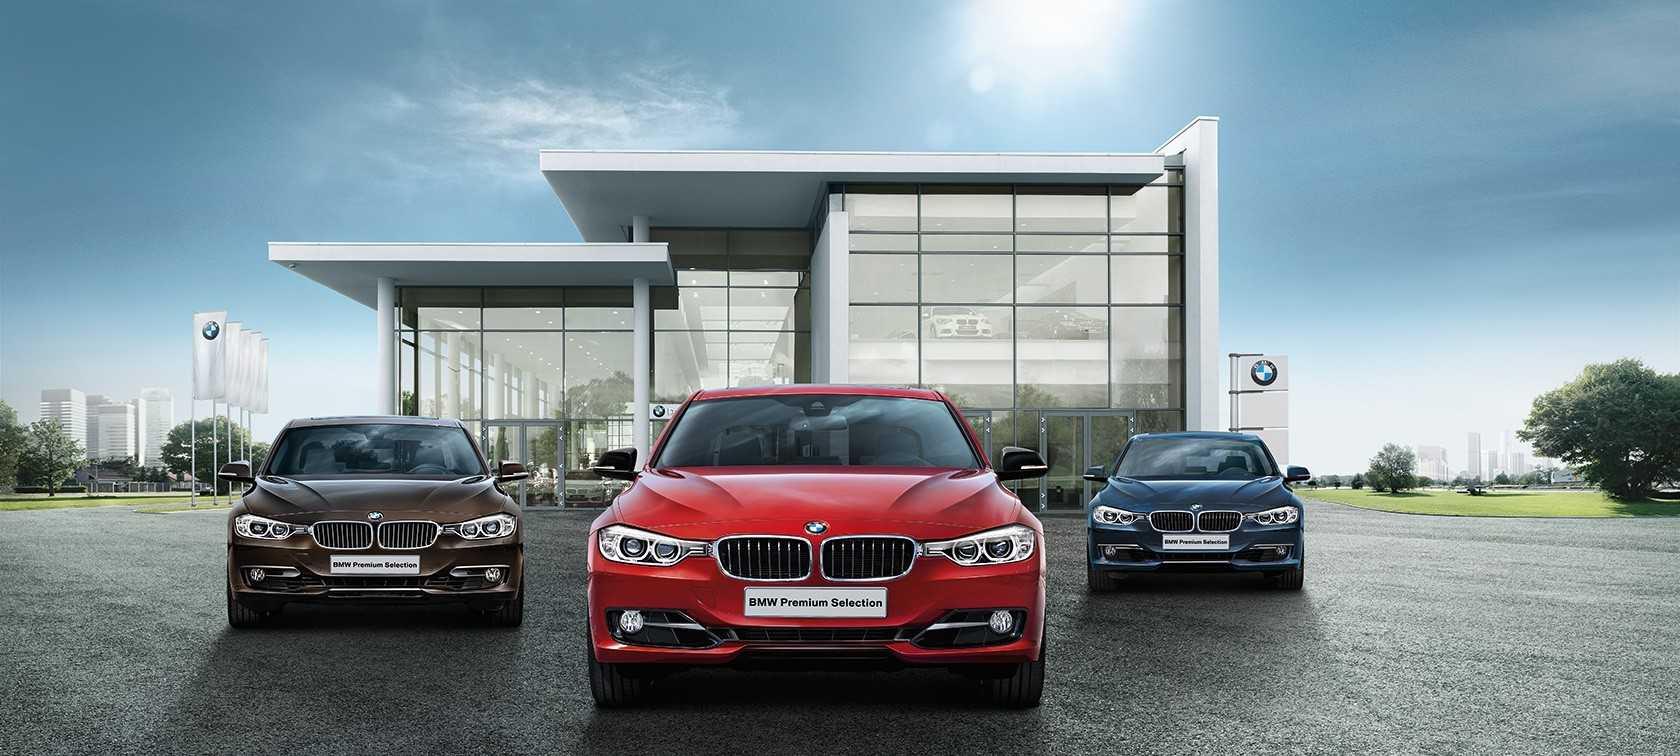 Автомобили BMW с пробегом в хорошем состоянии купить недорого по низким ценам | АВТ Бавария-Днепропетровск  | АВТ Бавария-Днепропетровск, официальный дилер BMW в городе Днепр и Днепропетровской области